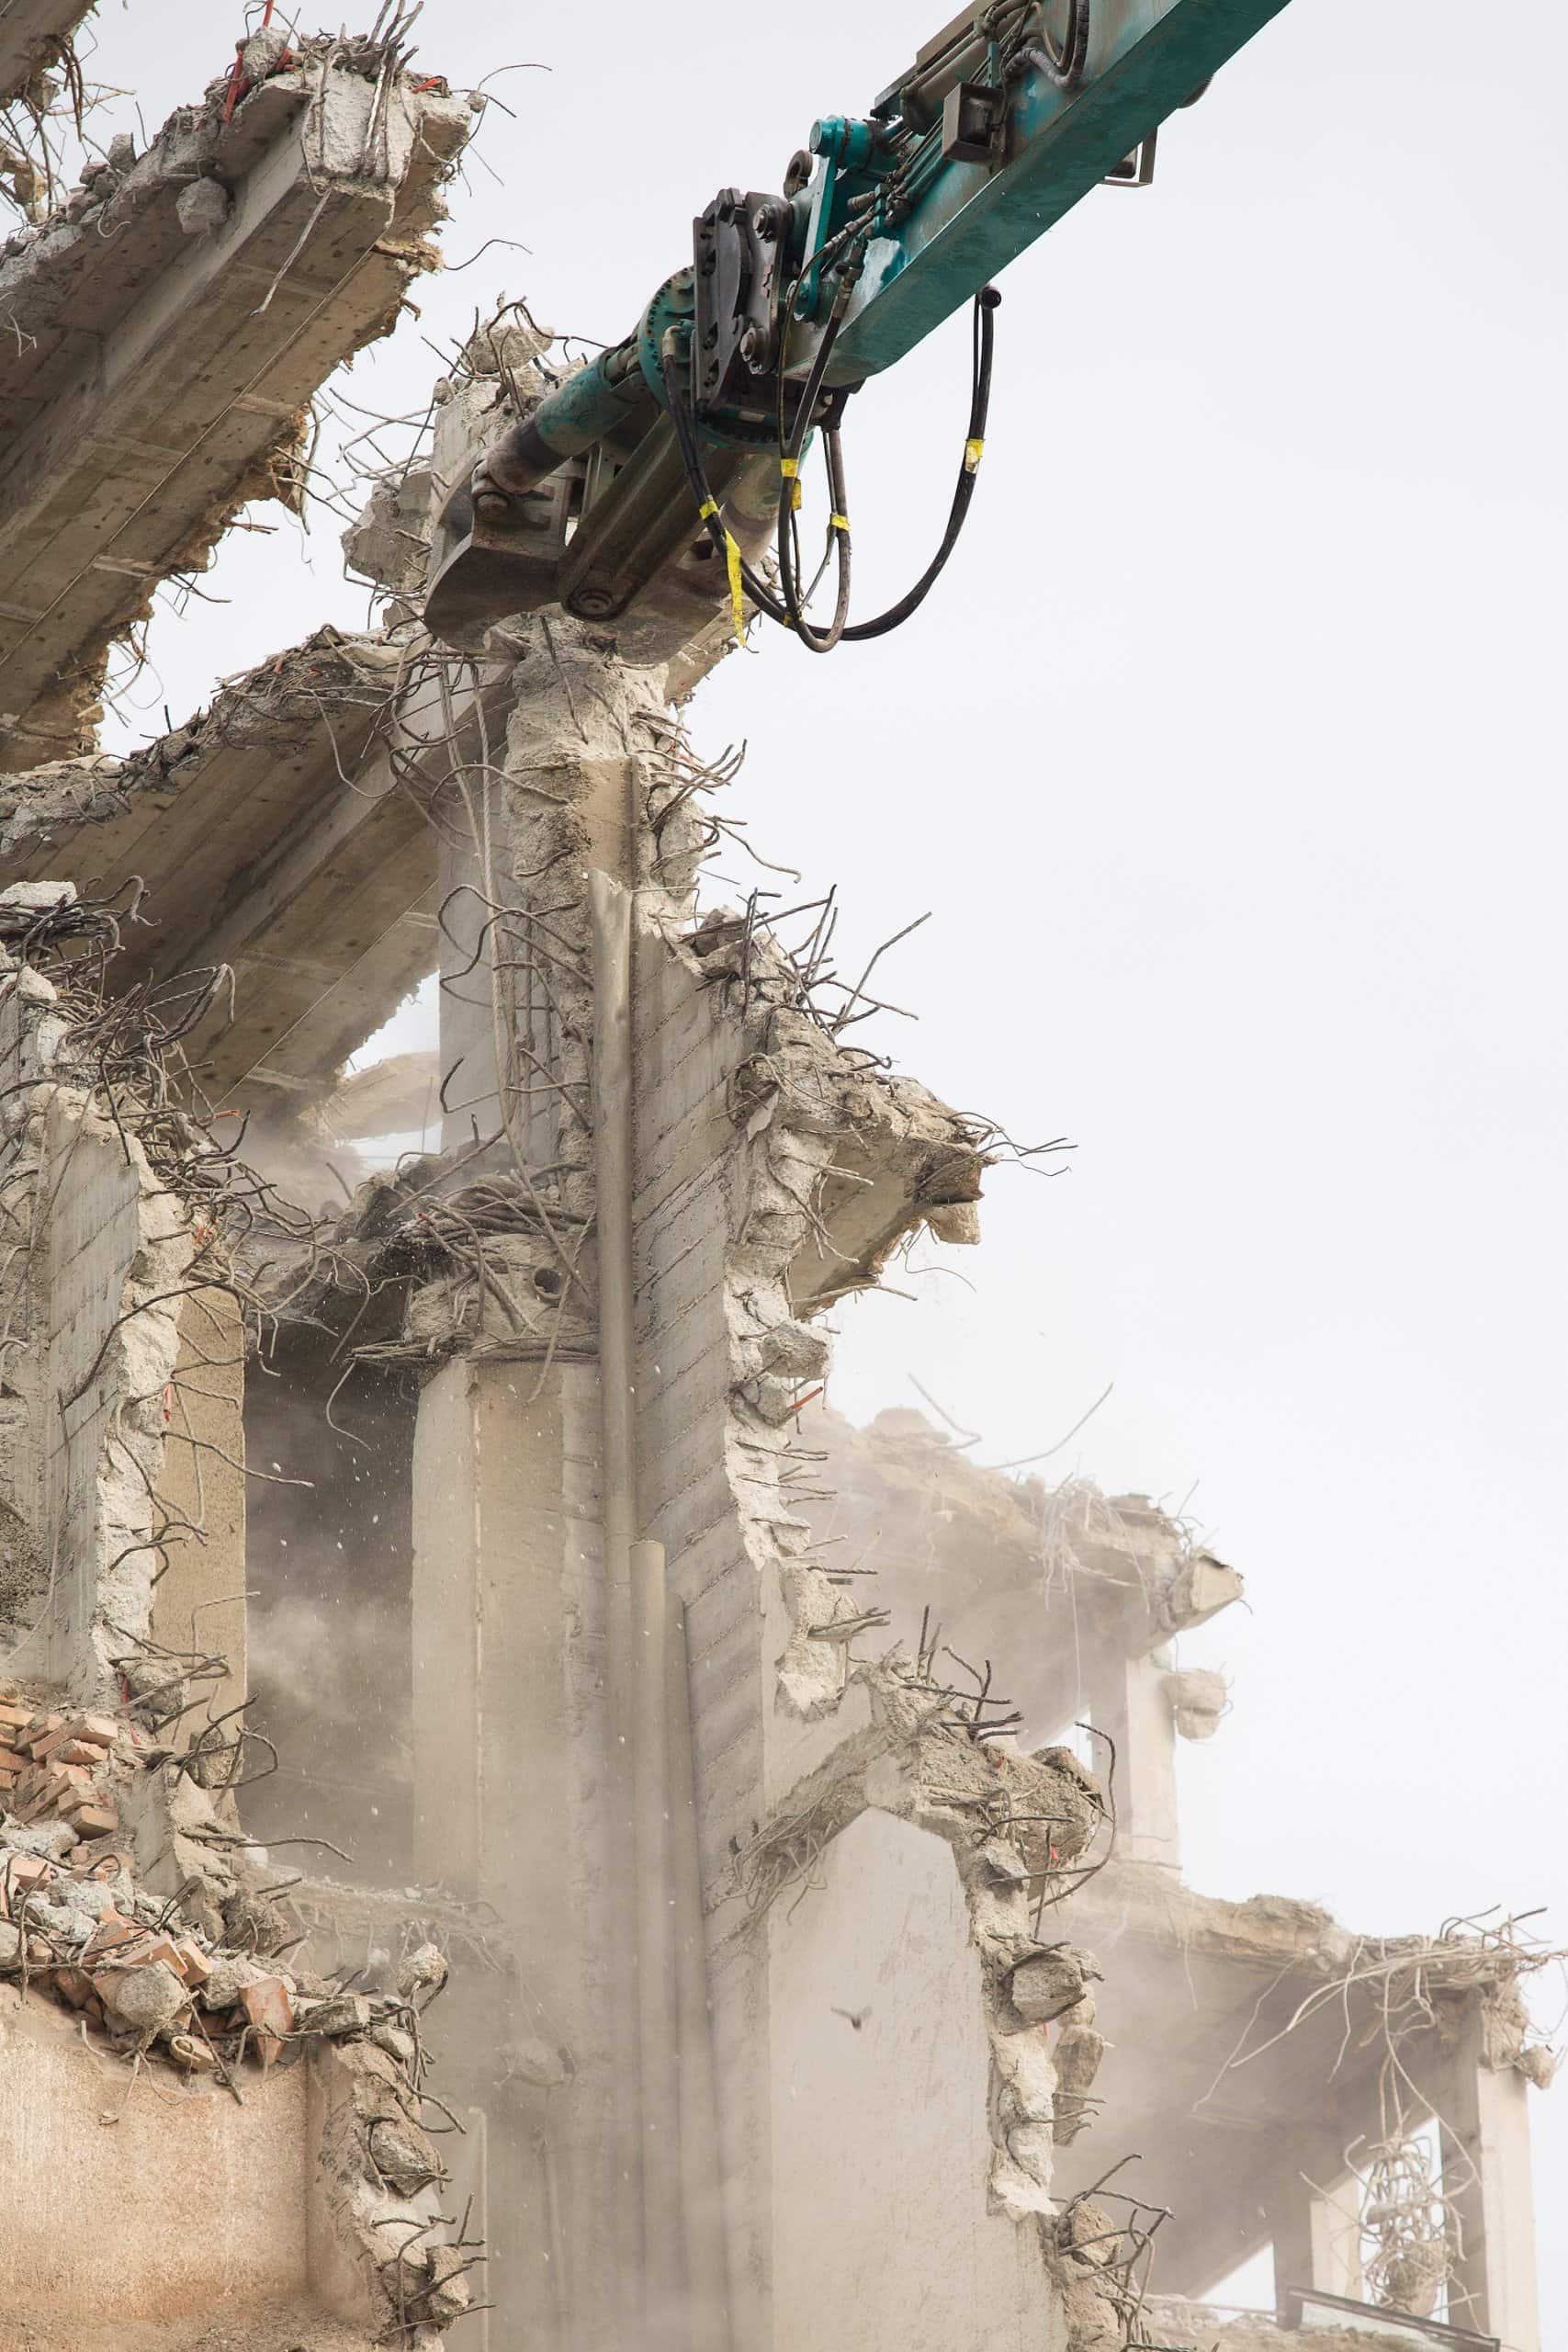 autre vue d'une pelle mécanique en train de détruire un immeuble